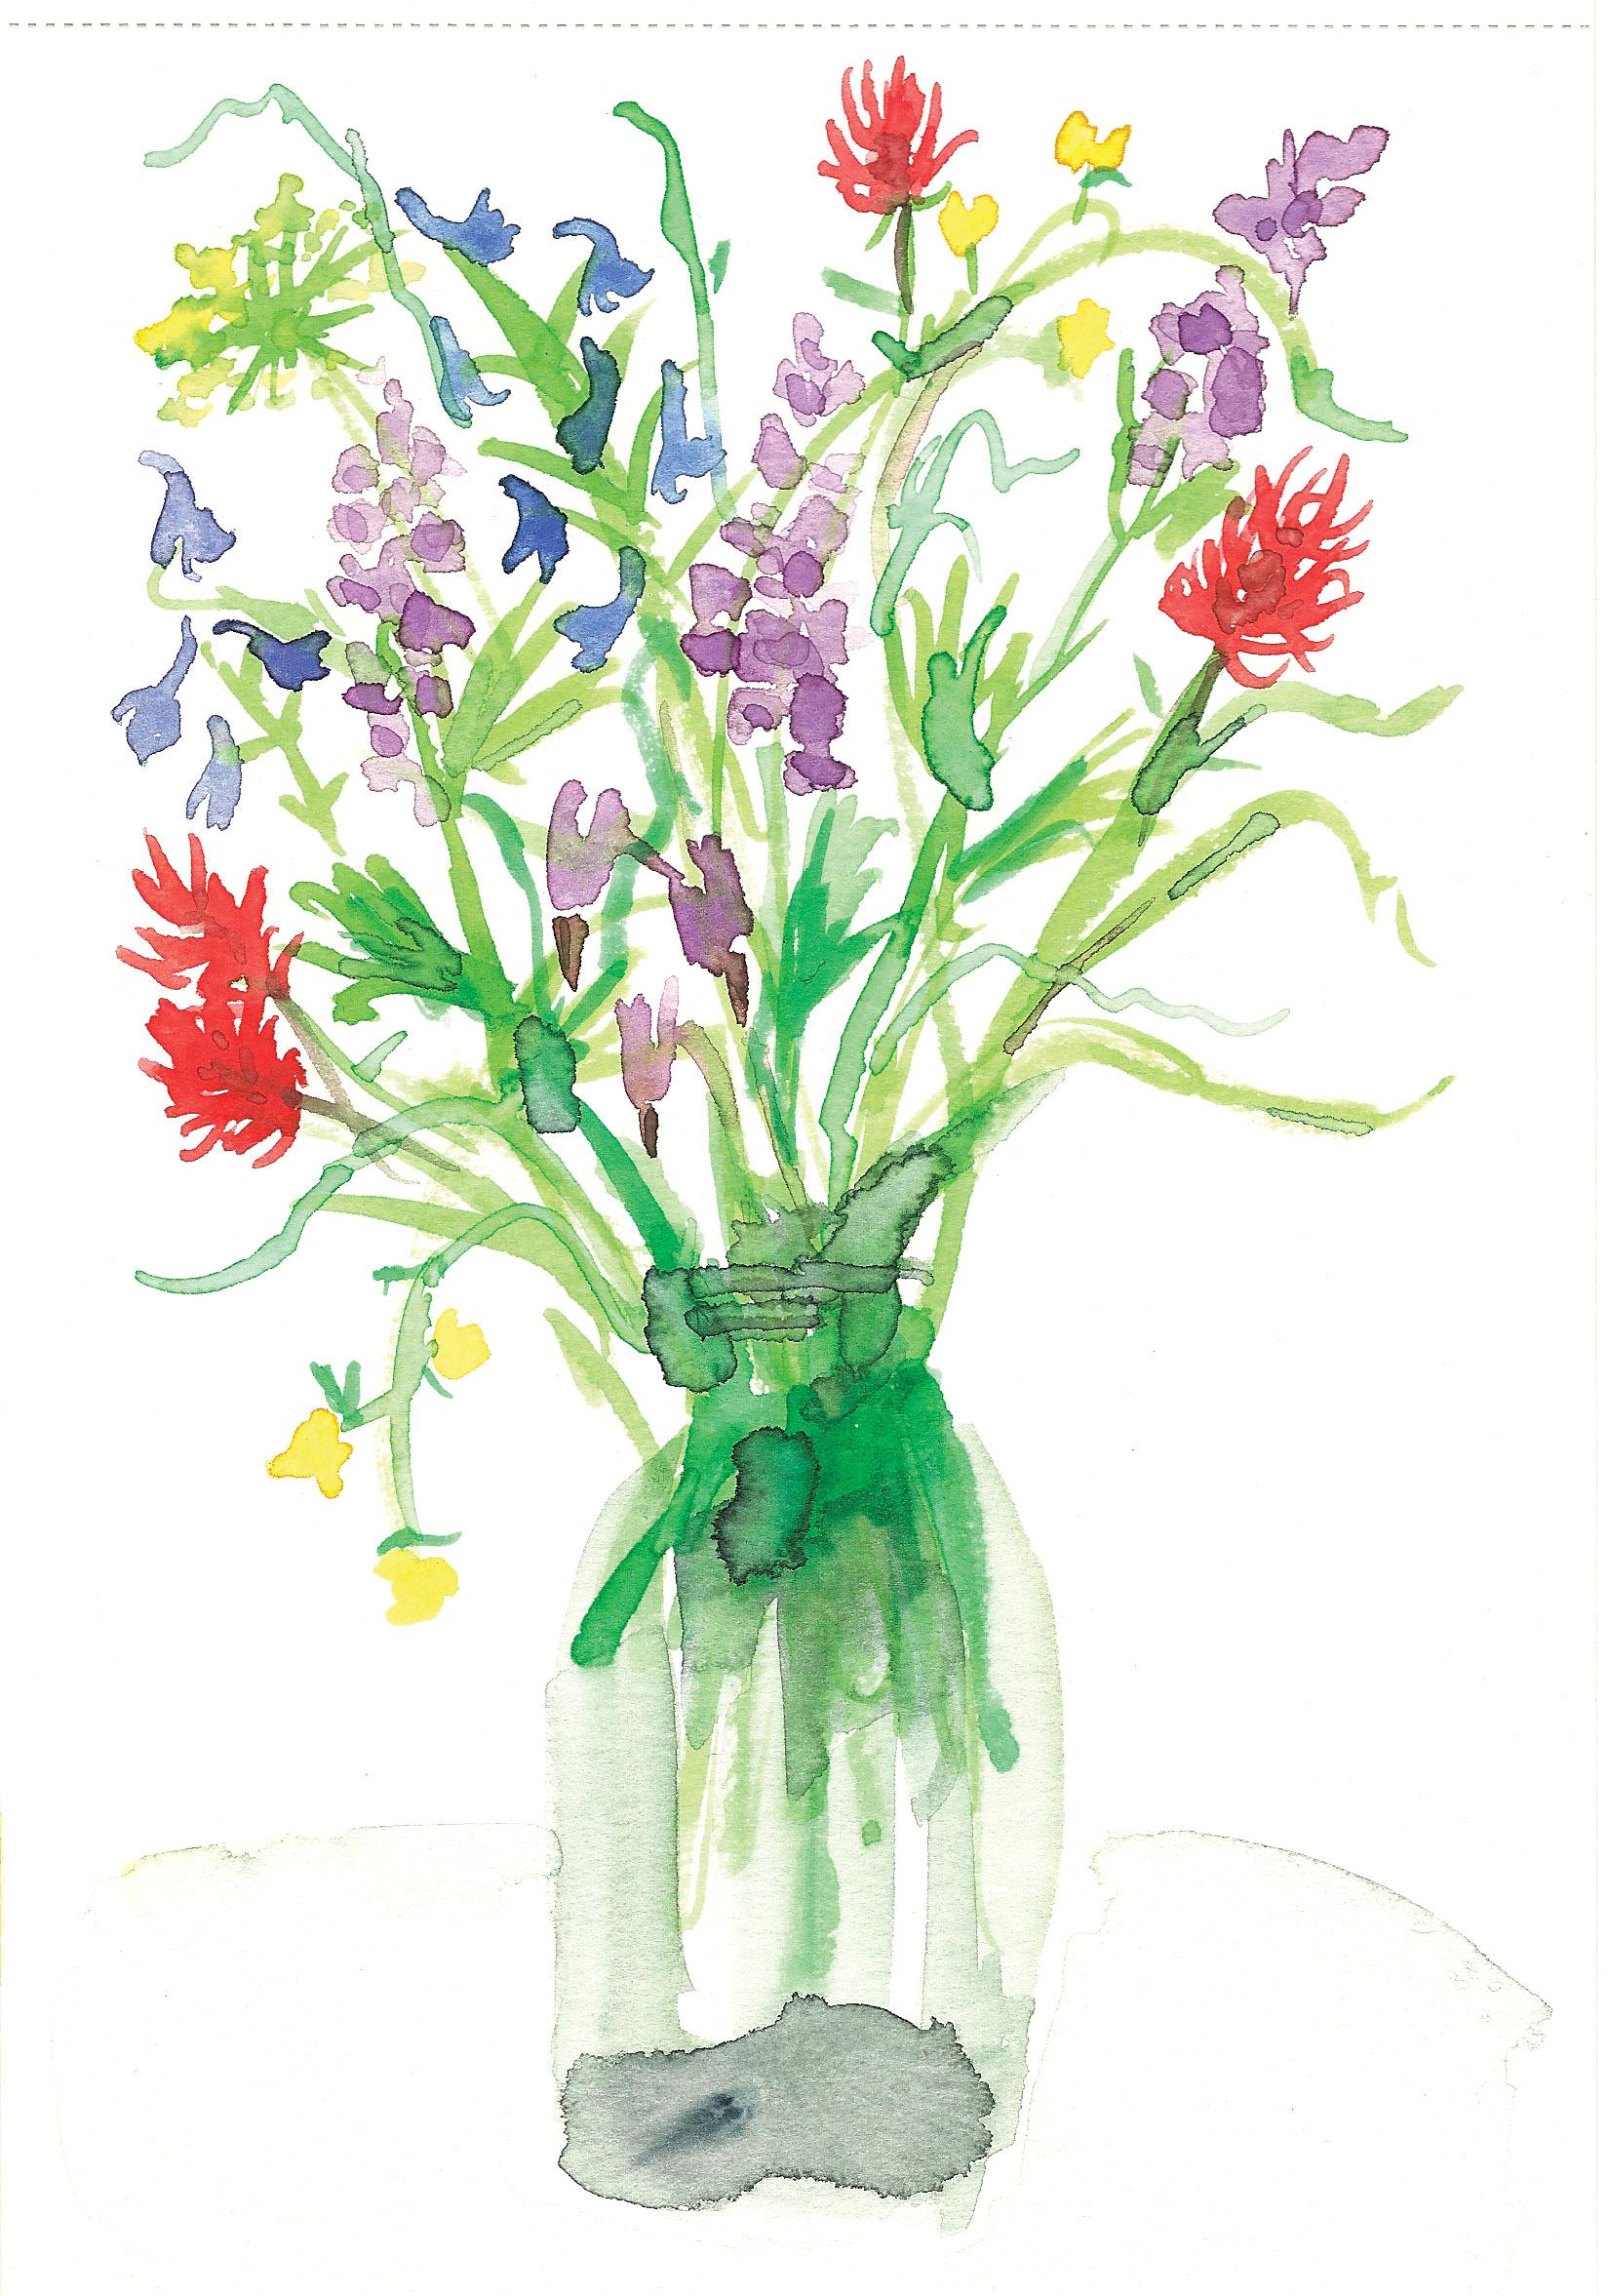 flowers in jar.jpg